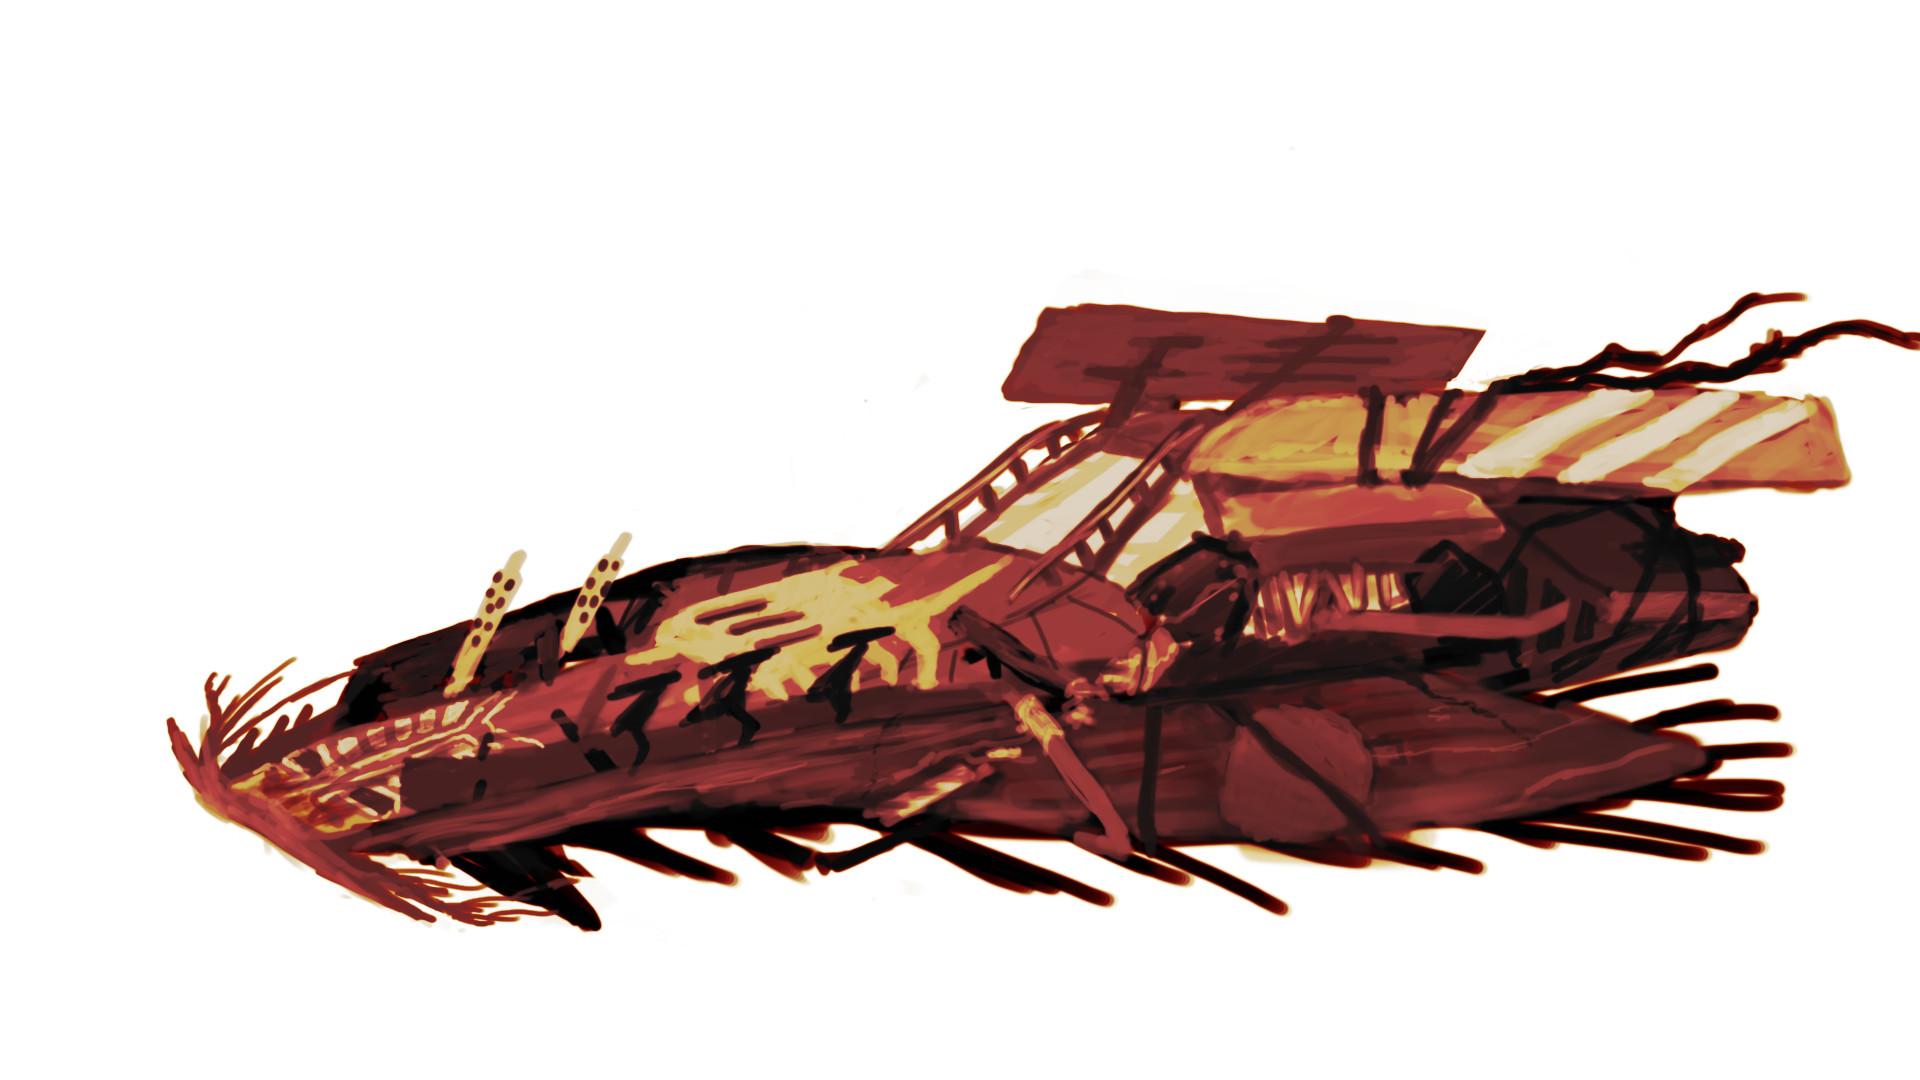 Alexander laheij car concept 02